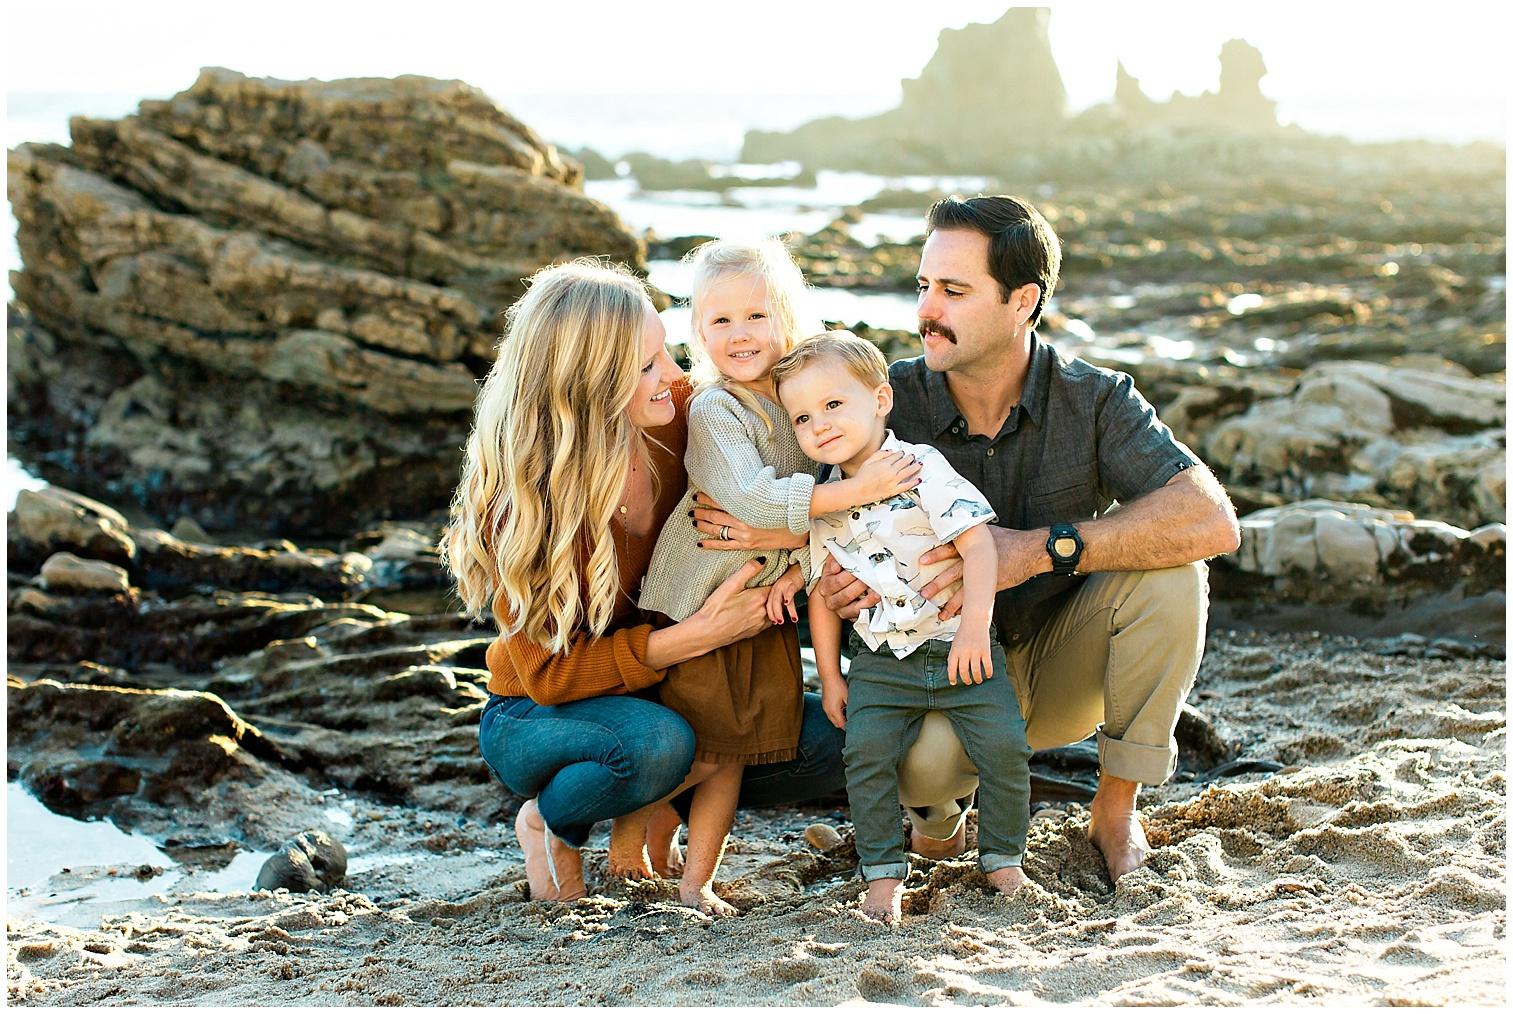 laguna_beach_family_photographer_0647.jpg